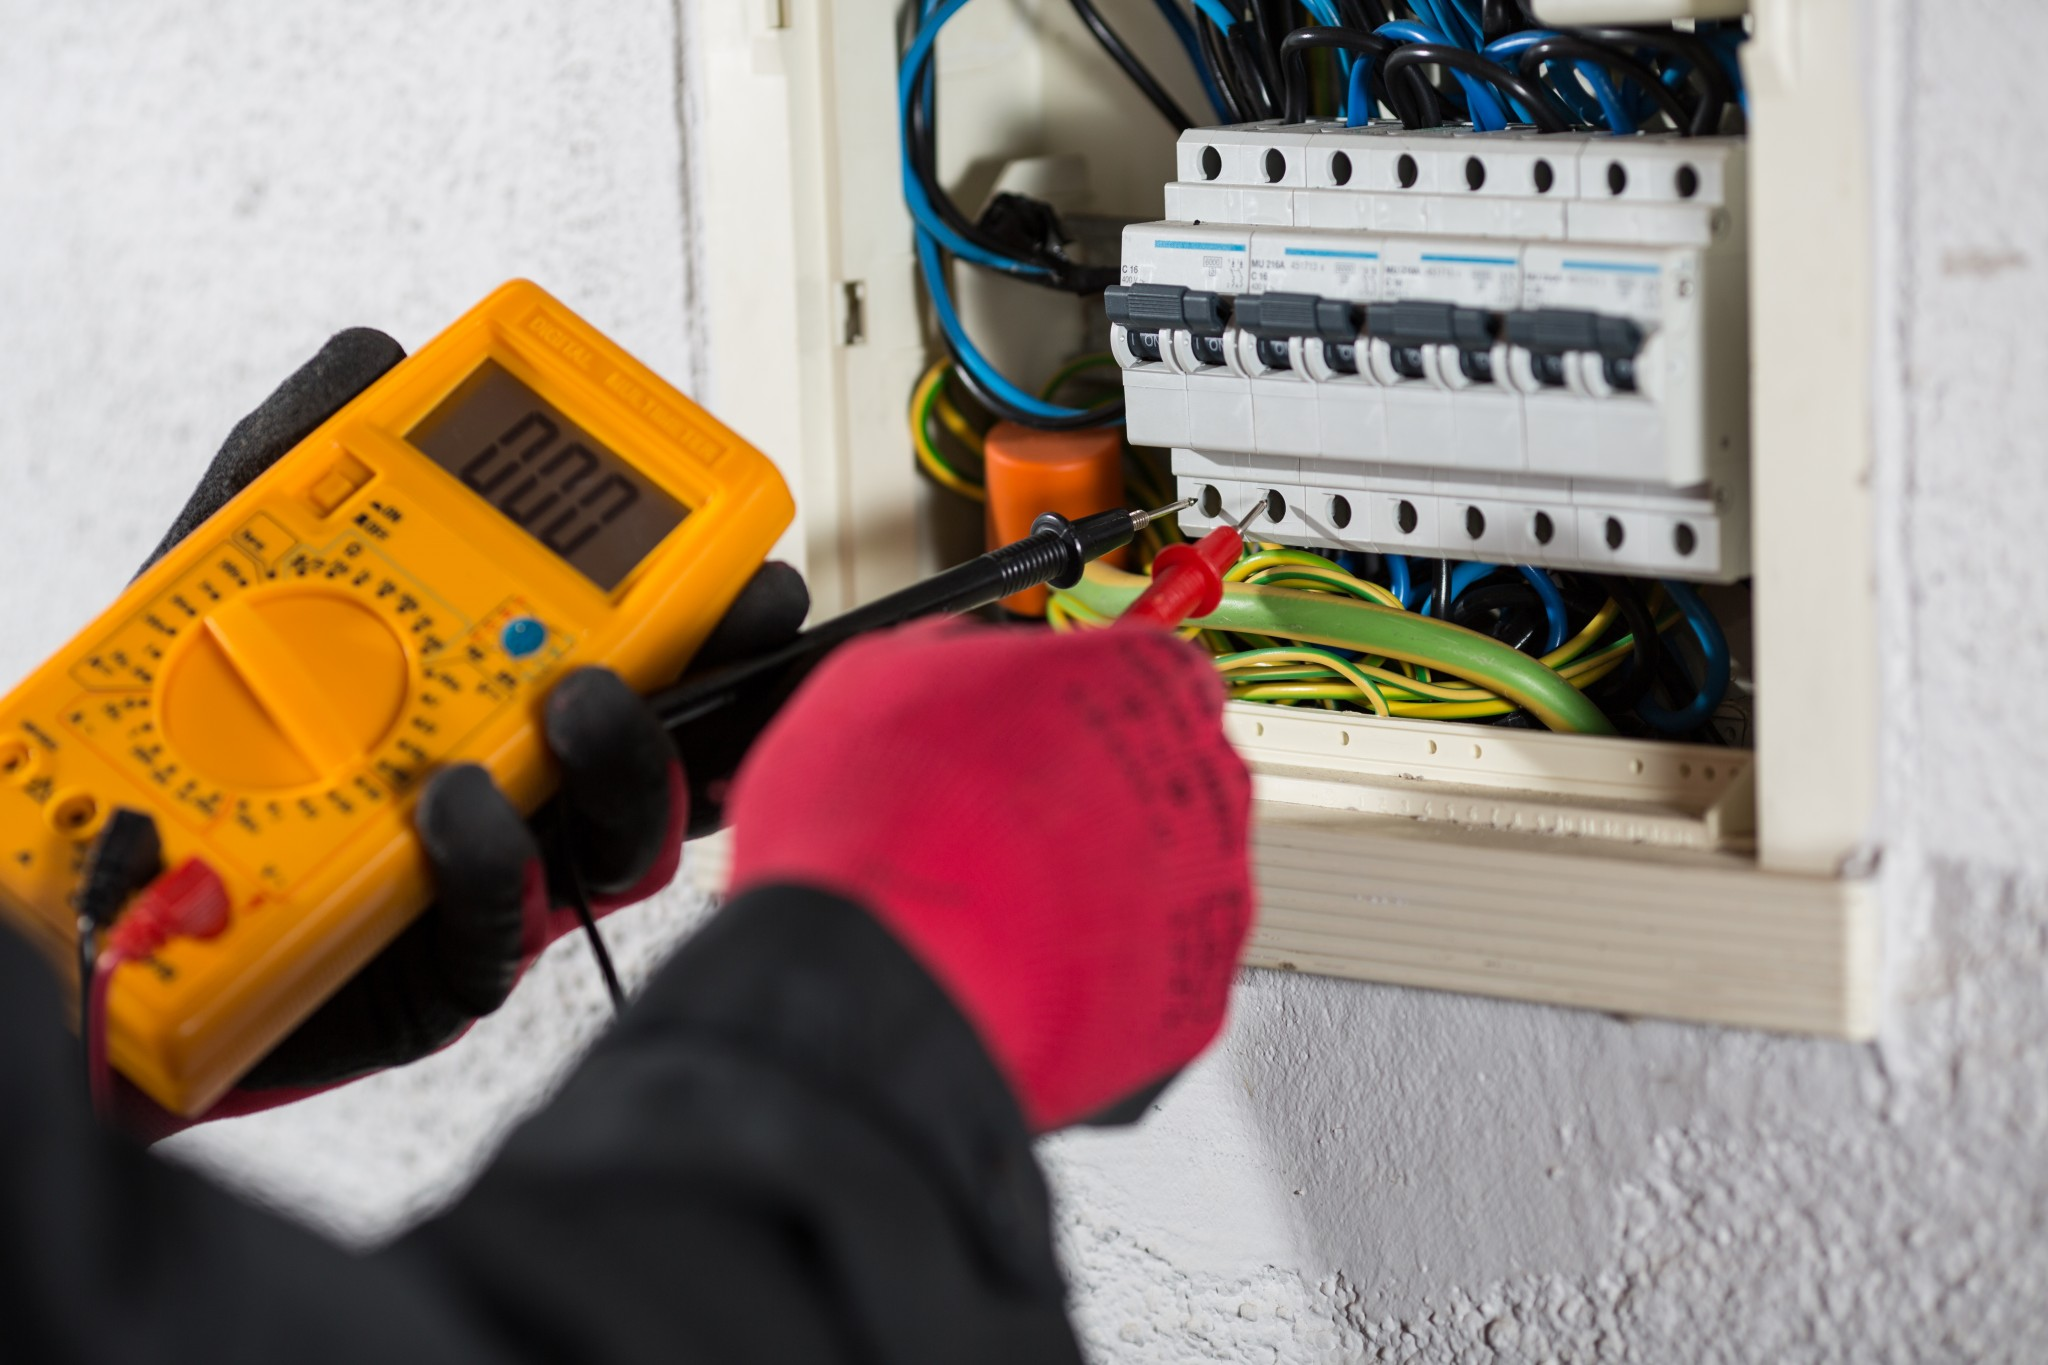 El-installation Struer Hjerm Vinderup Lemvig Thyholm